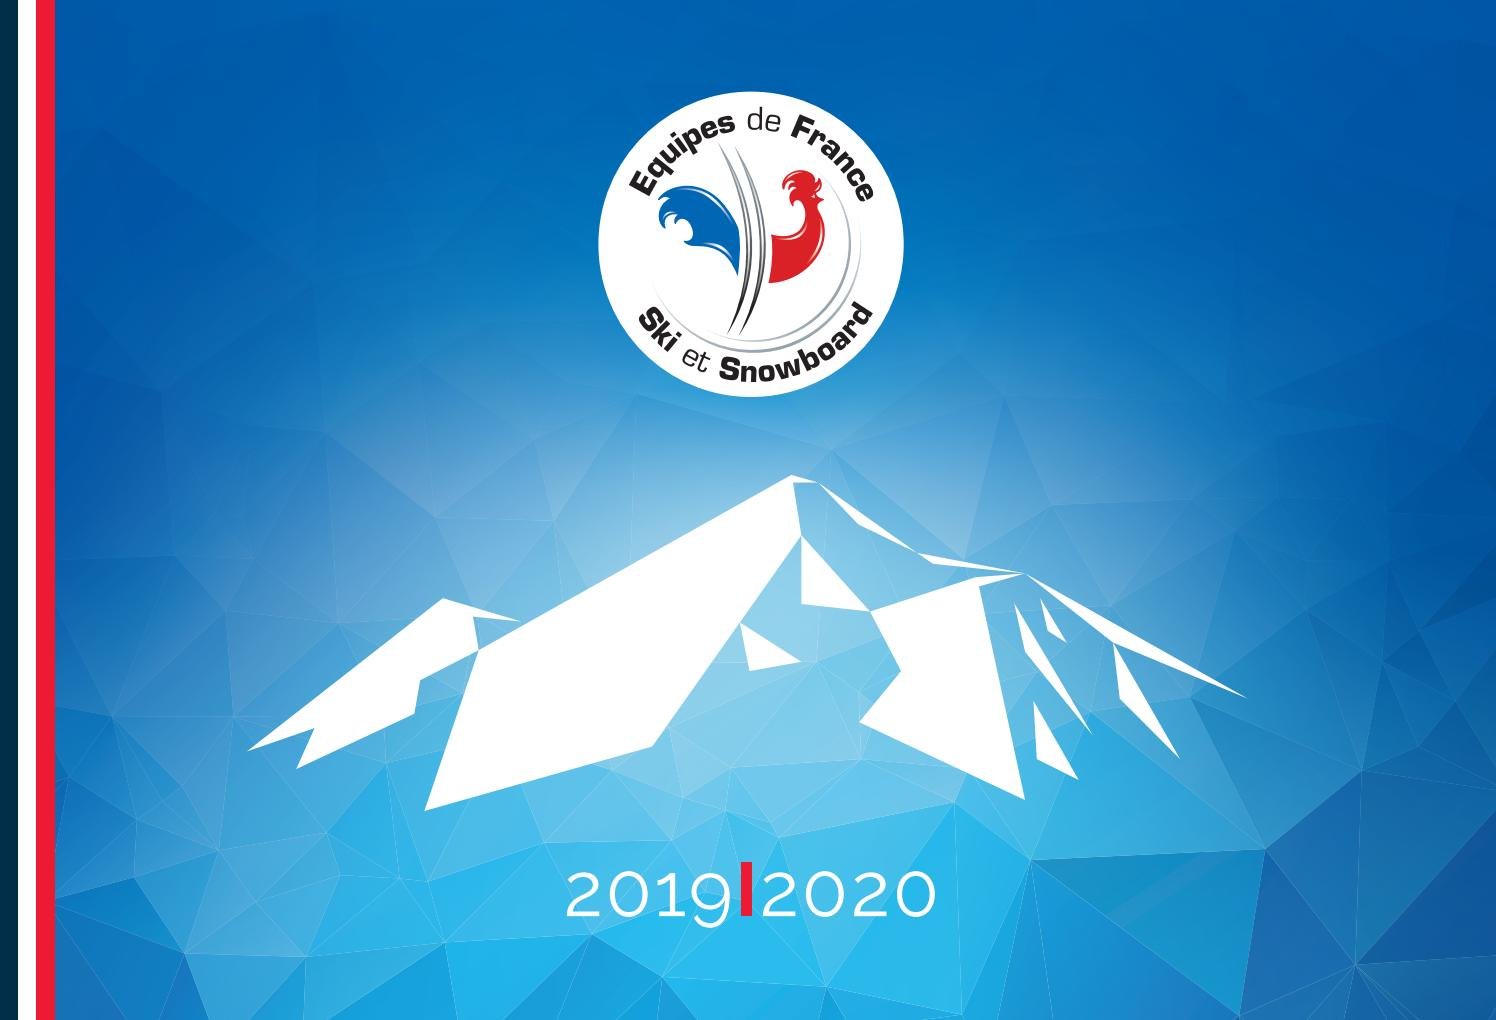 De 2019 By Plaquette Equipes 2020 France Fédération Des rQCBxeWod